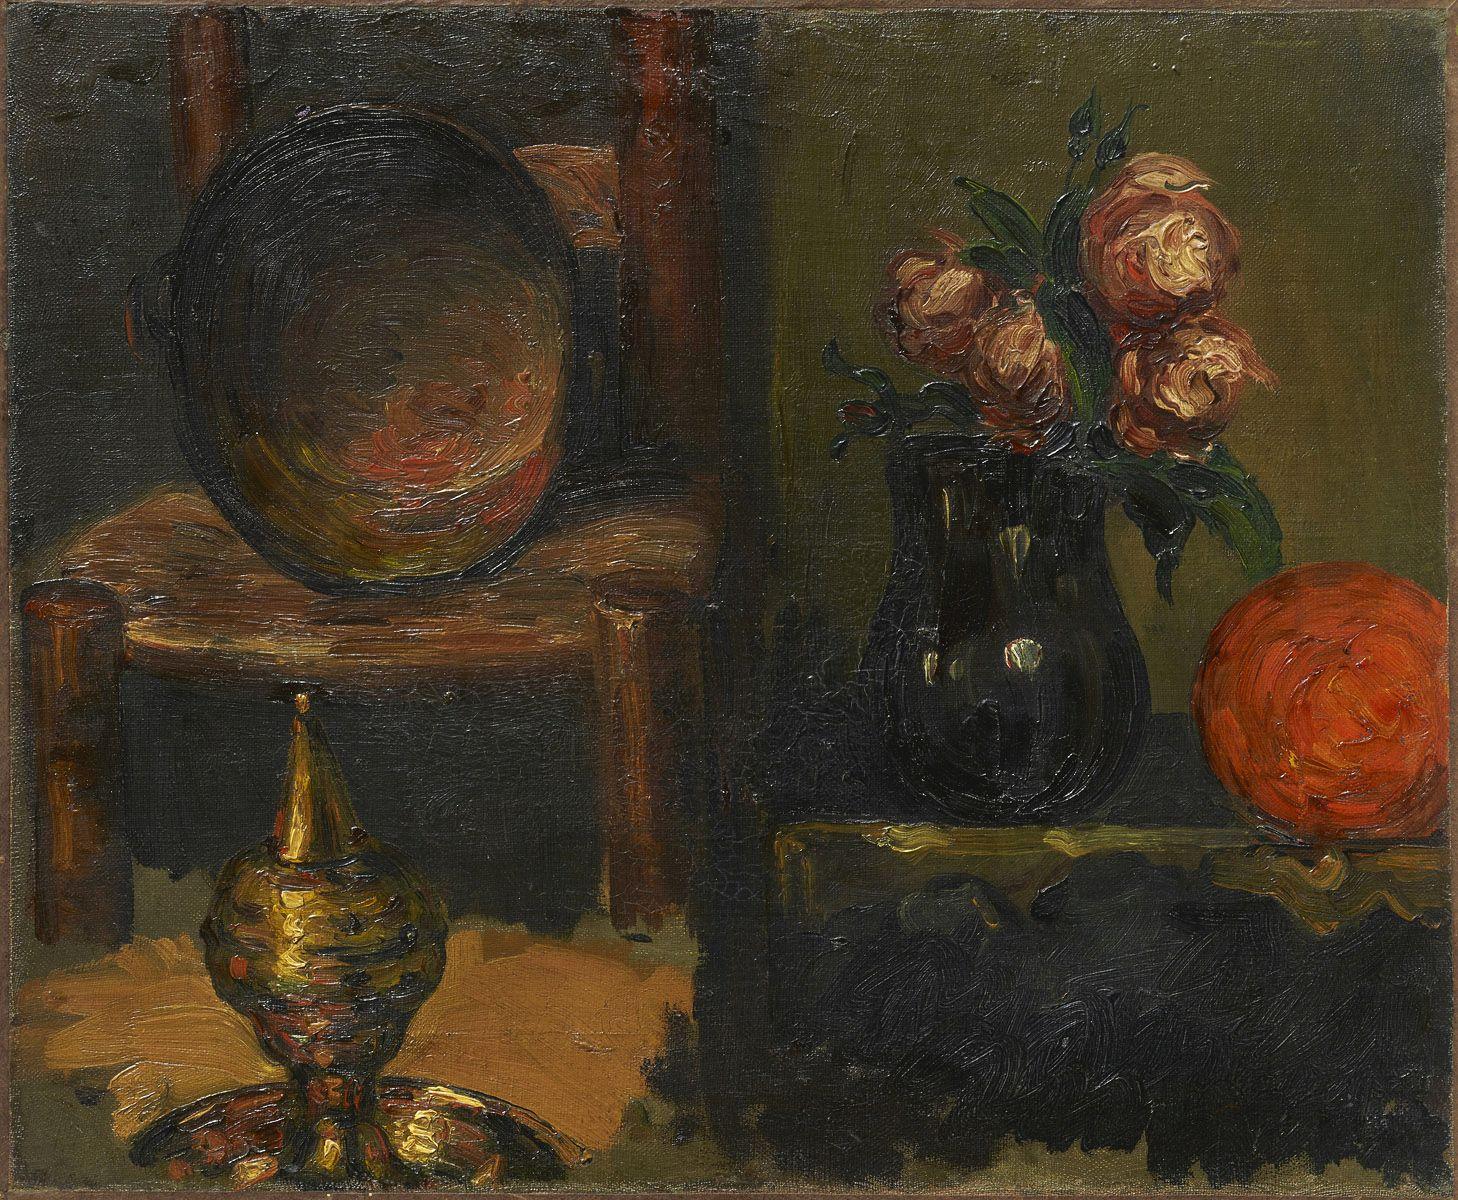 CEZANNE objets en cuivre et vase de fleurs